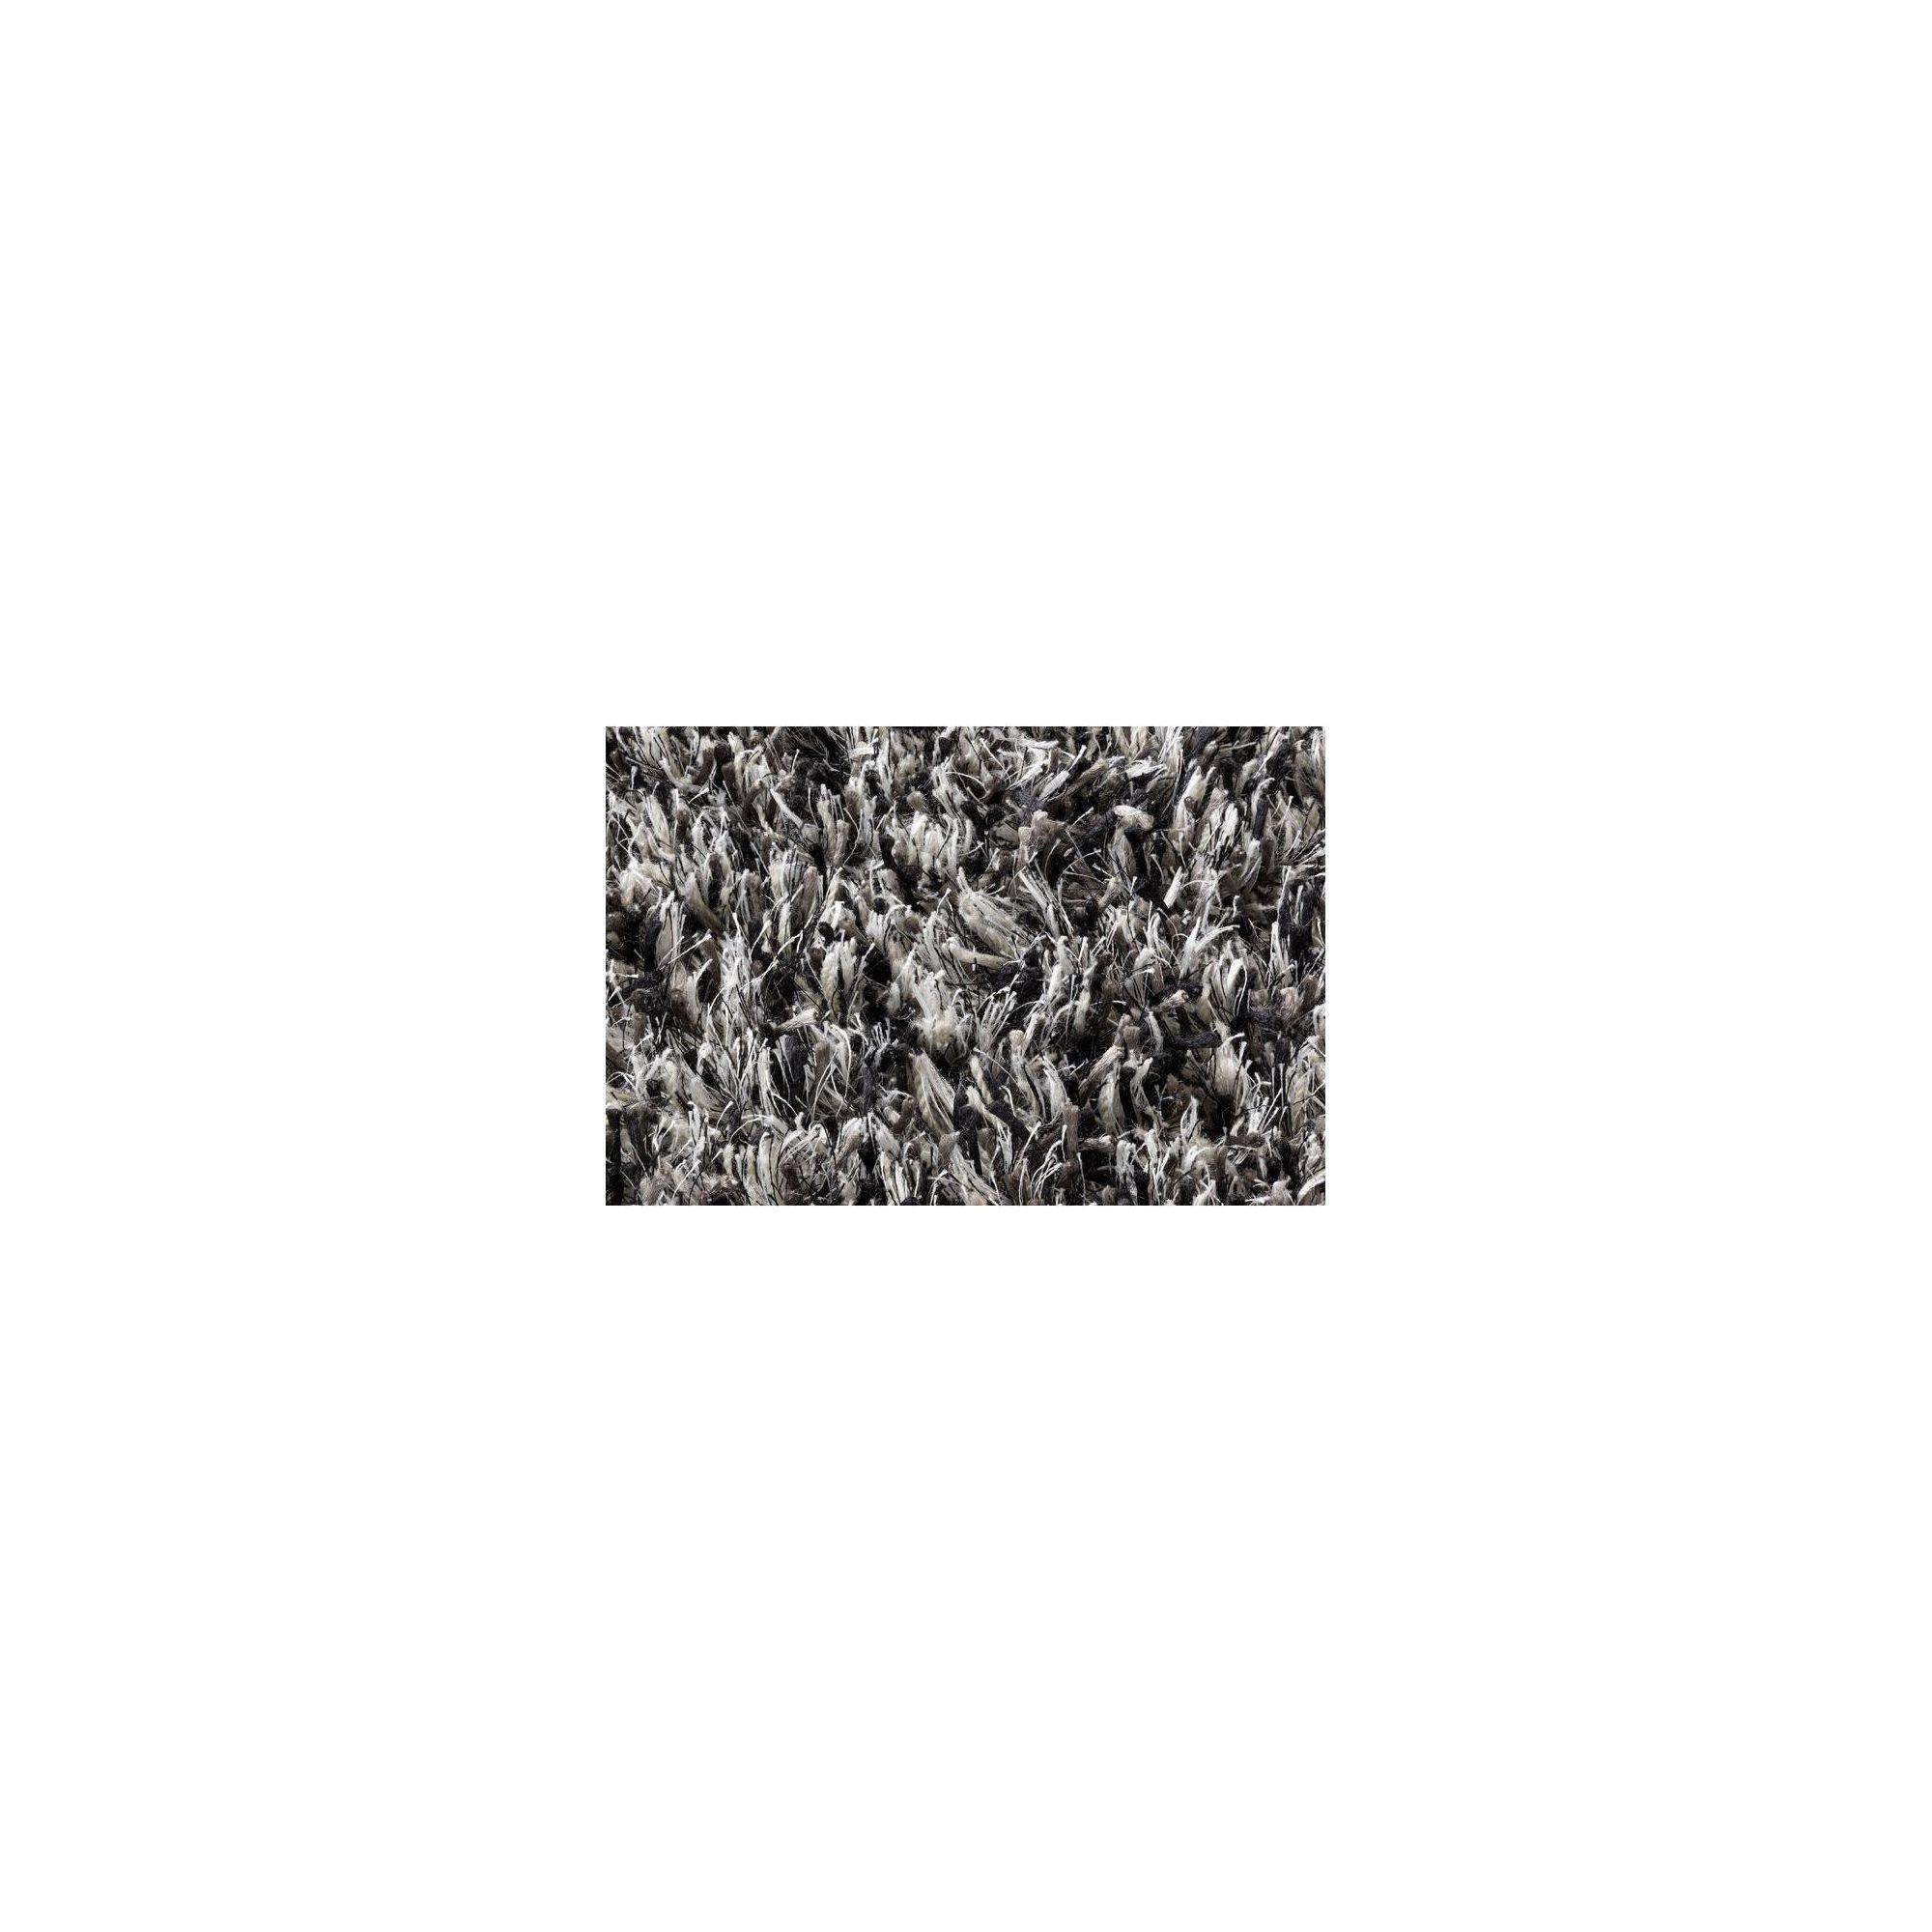 Linie Design Ronaldo Grey Shag Rug - 200cm x 140cm at Tesco Direct